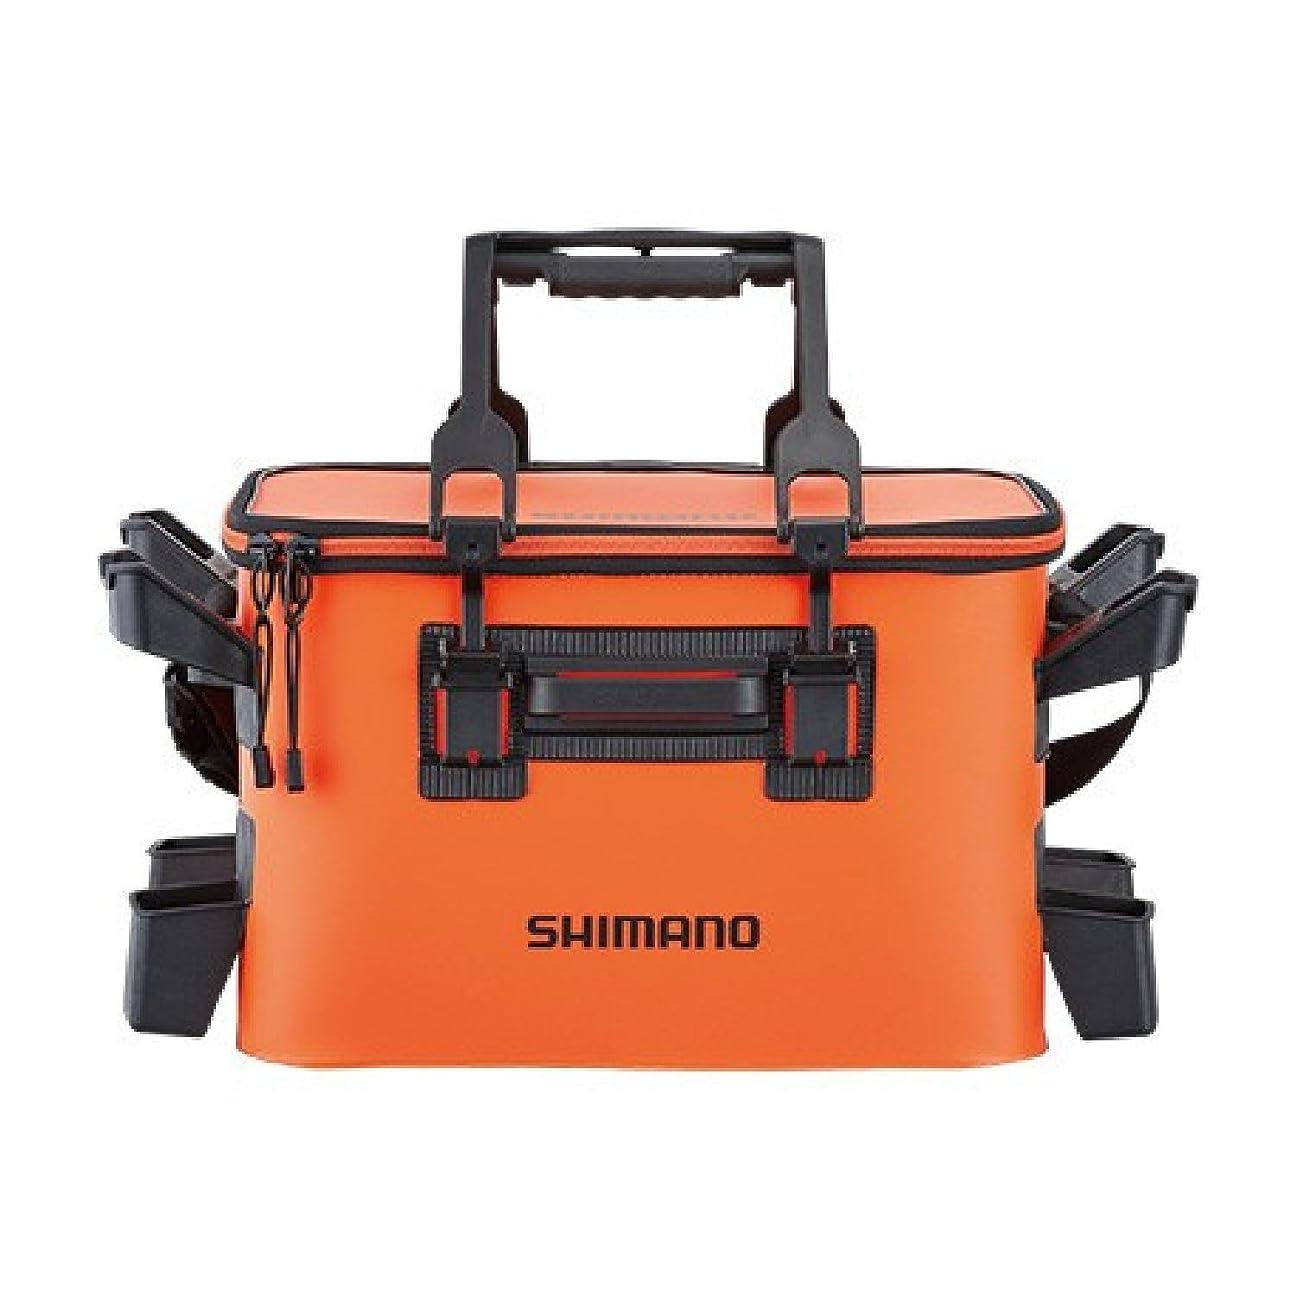 考えテクニカル前売SHIMANO(シマノ) ロッドレスト タックルバッグ(ハードタイプ) BK-021R